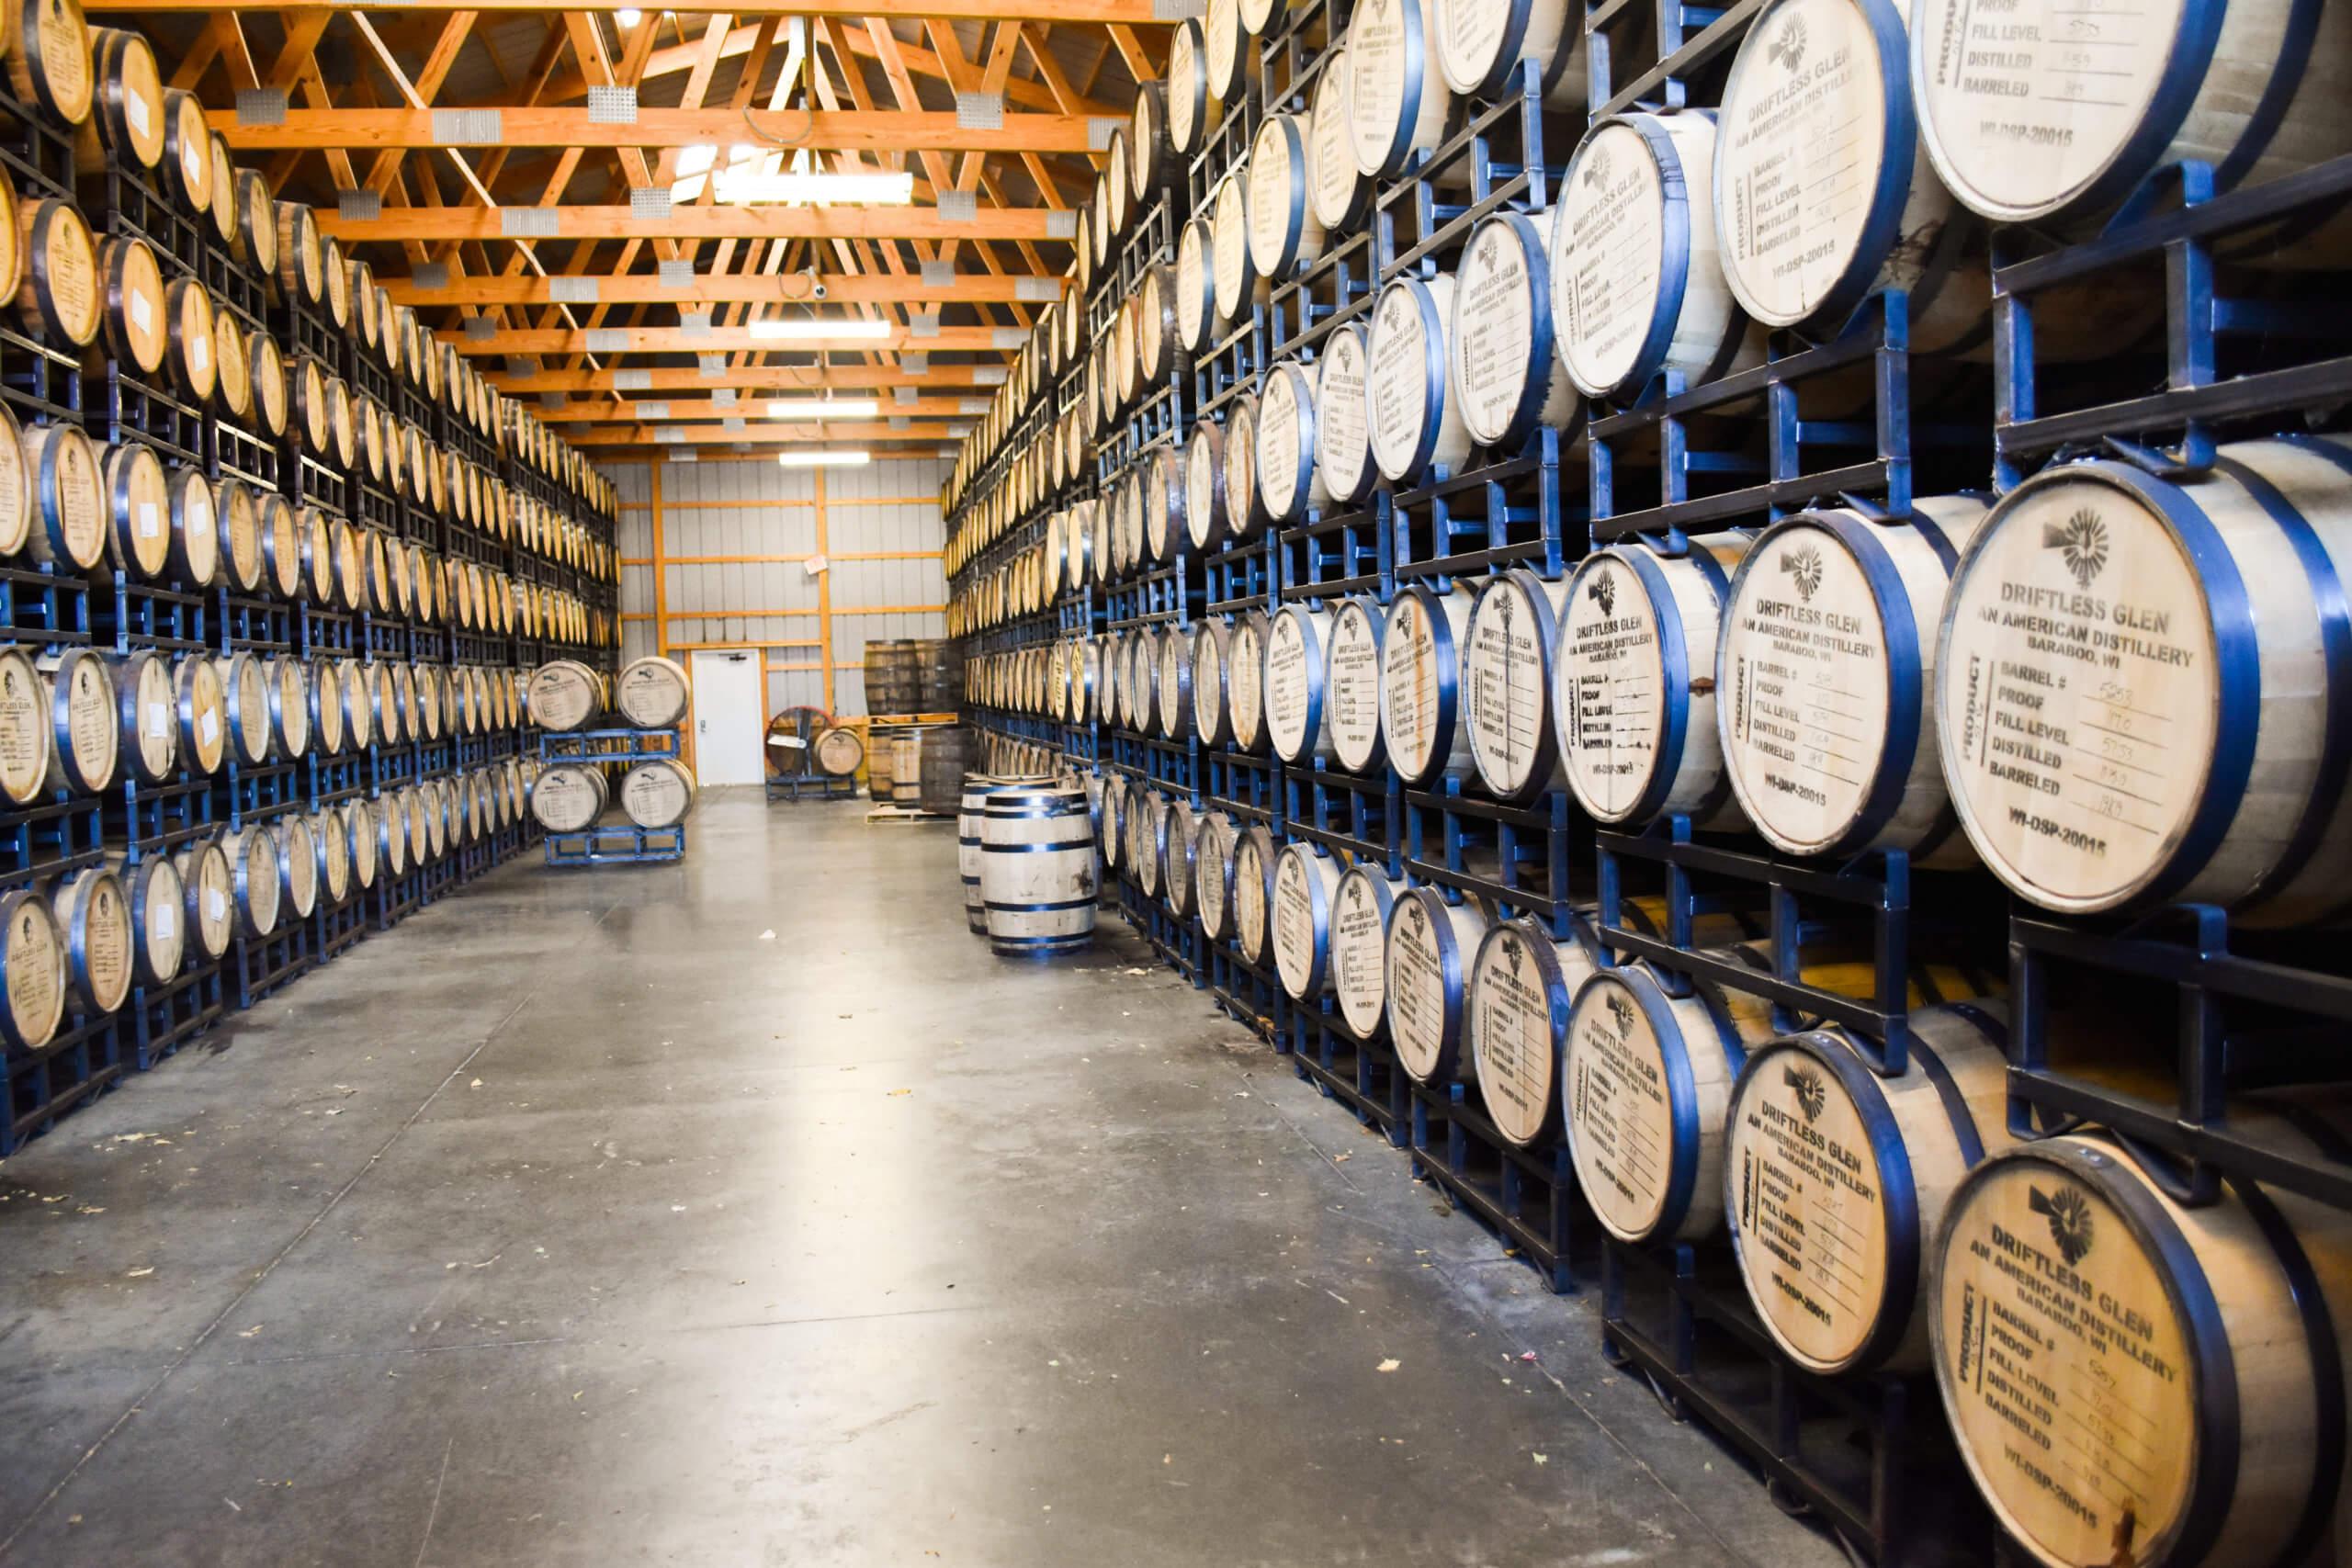 Room full of whiskey barrels